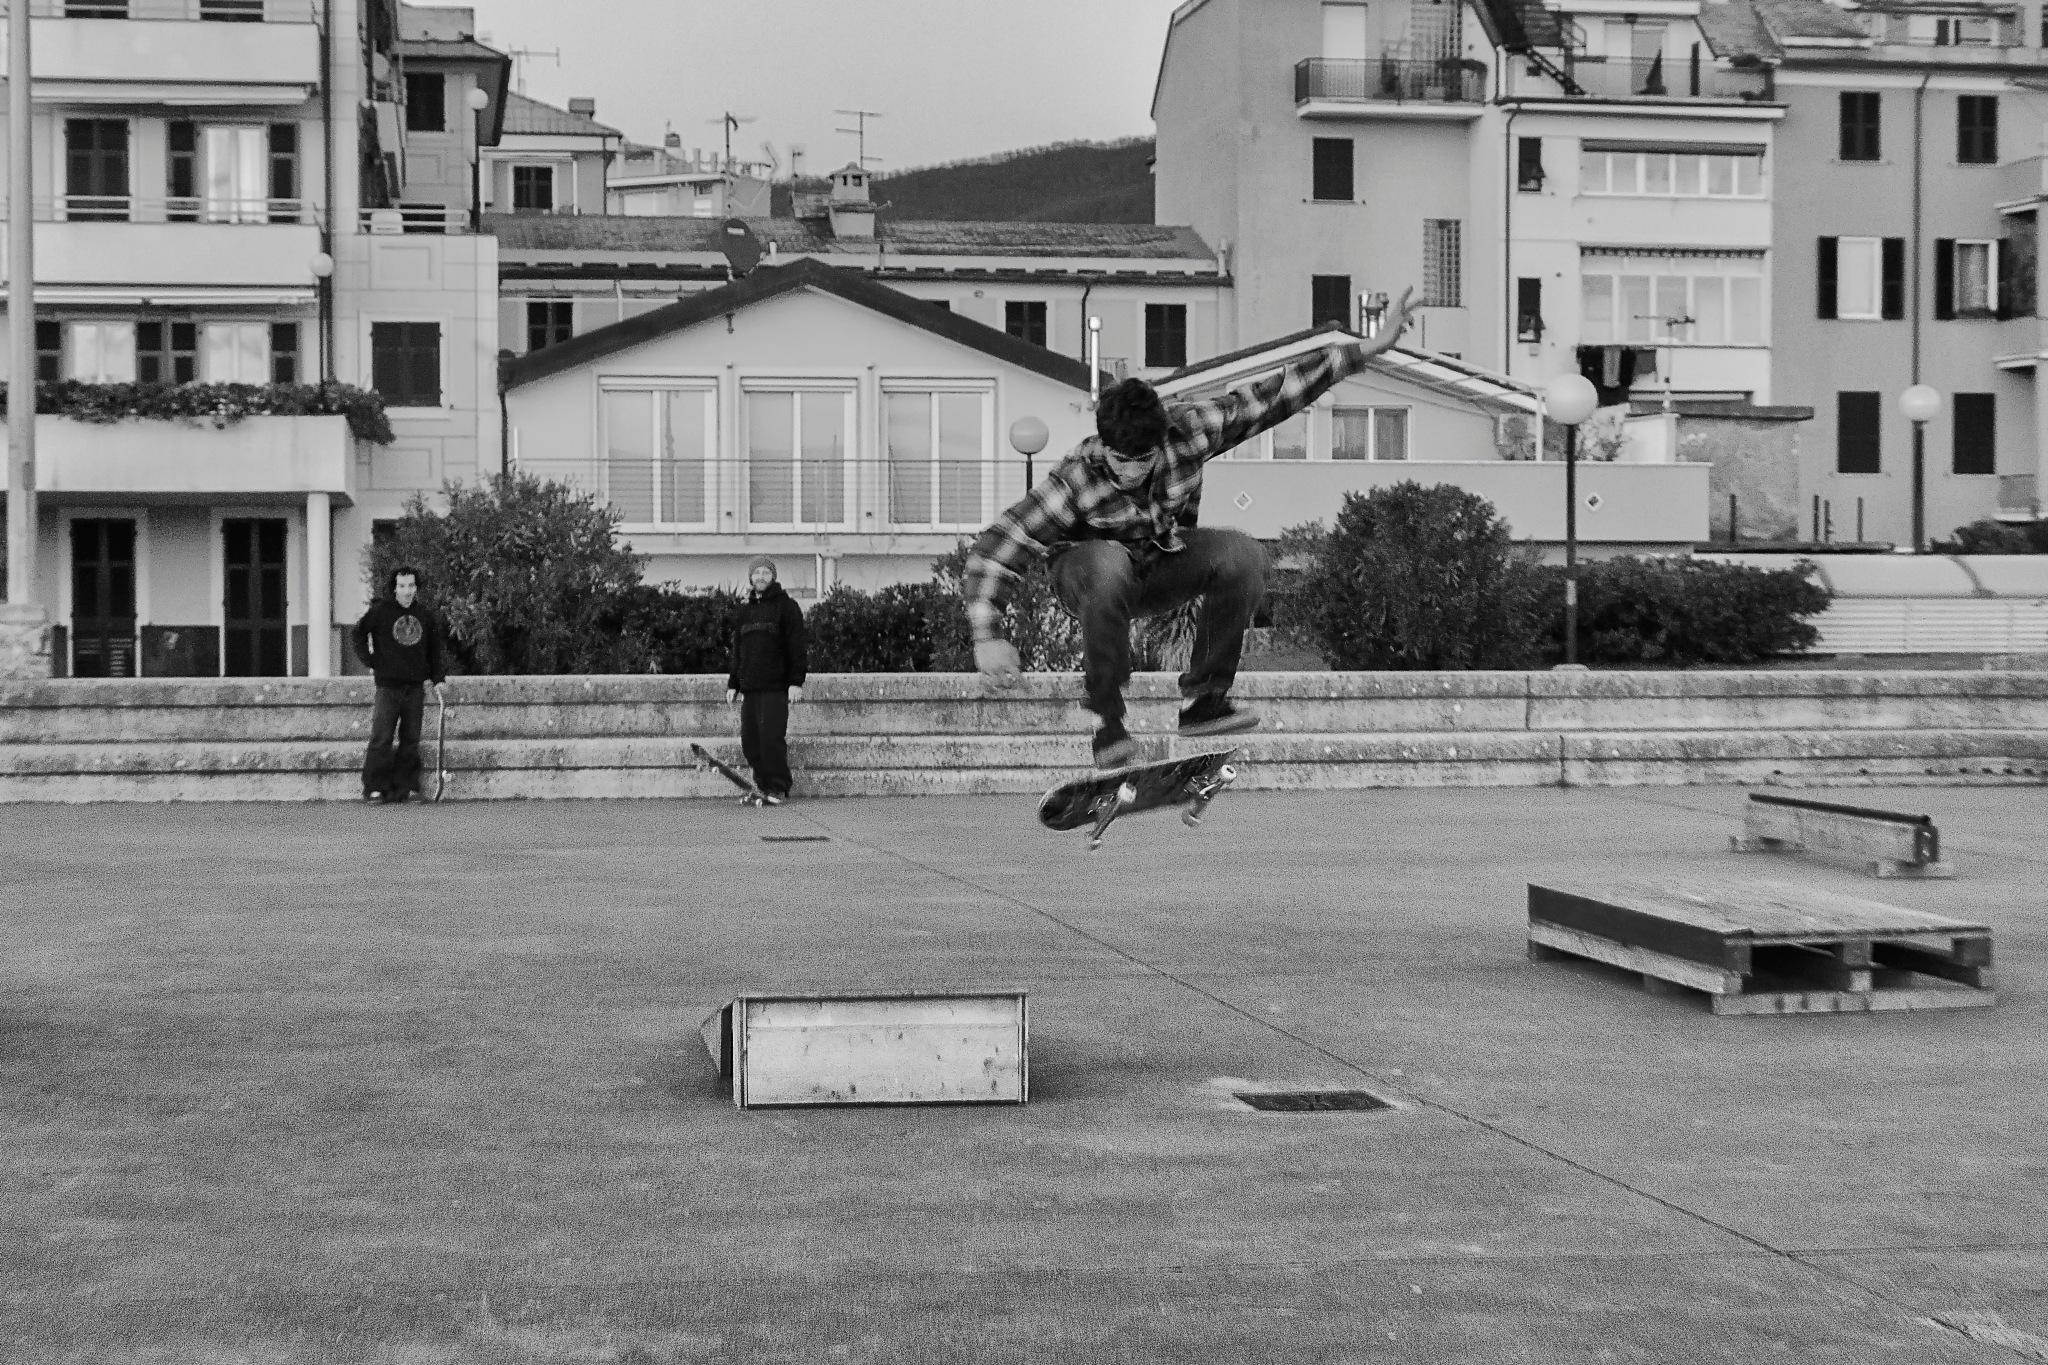 Skateboarders by giovanna.picceri